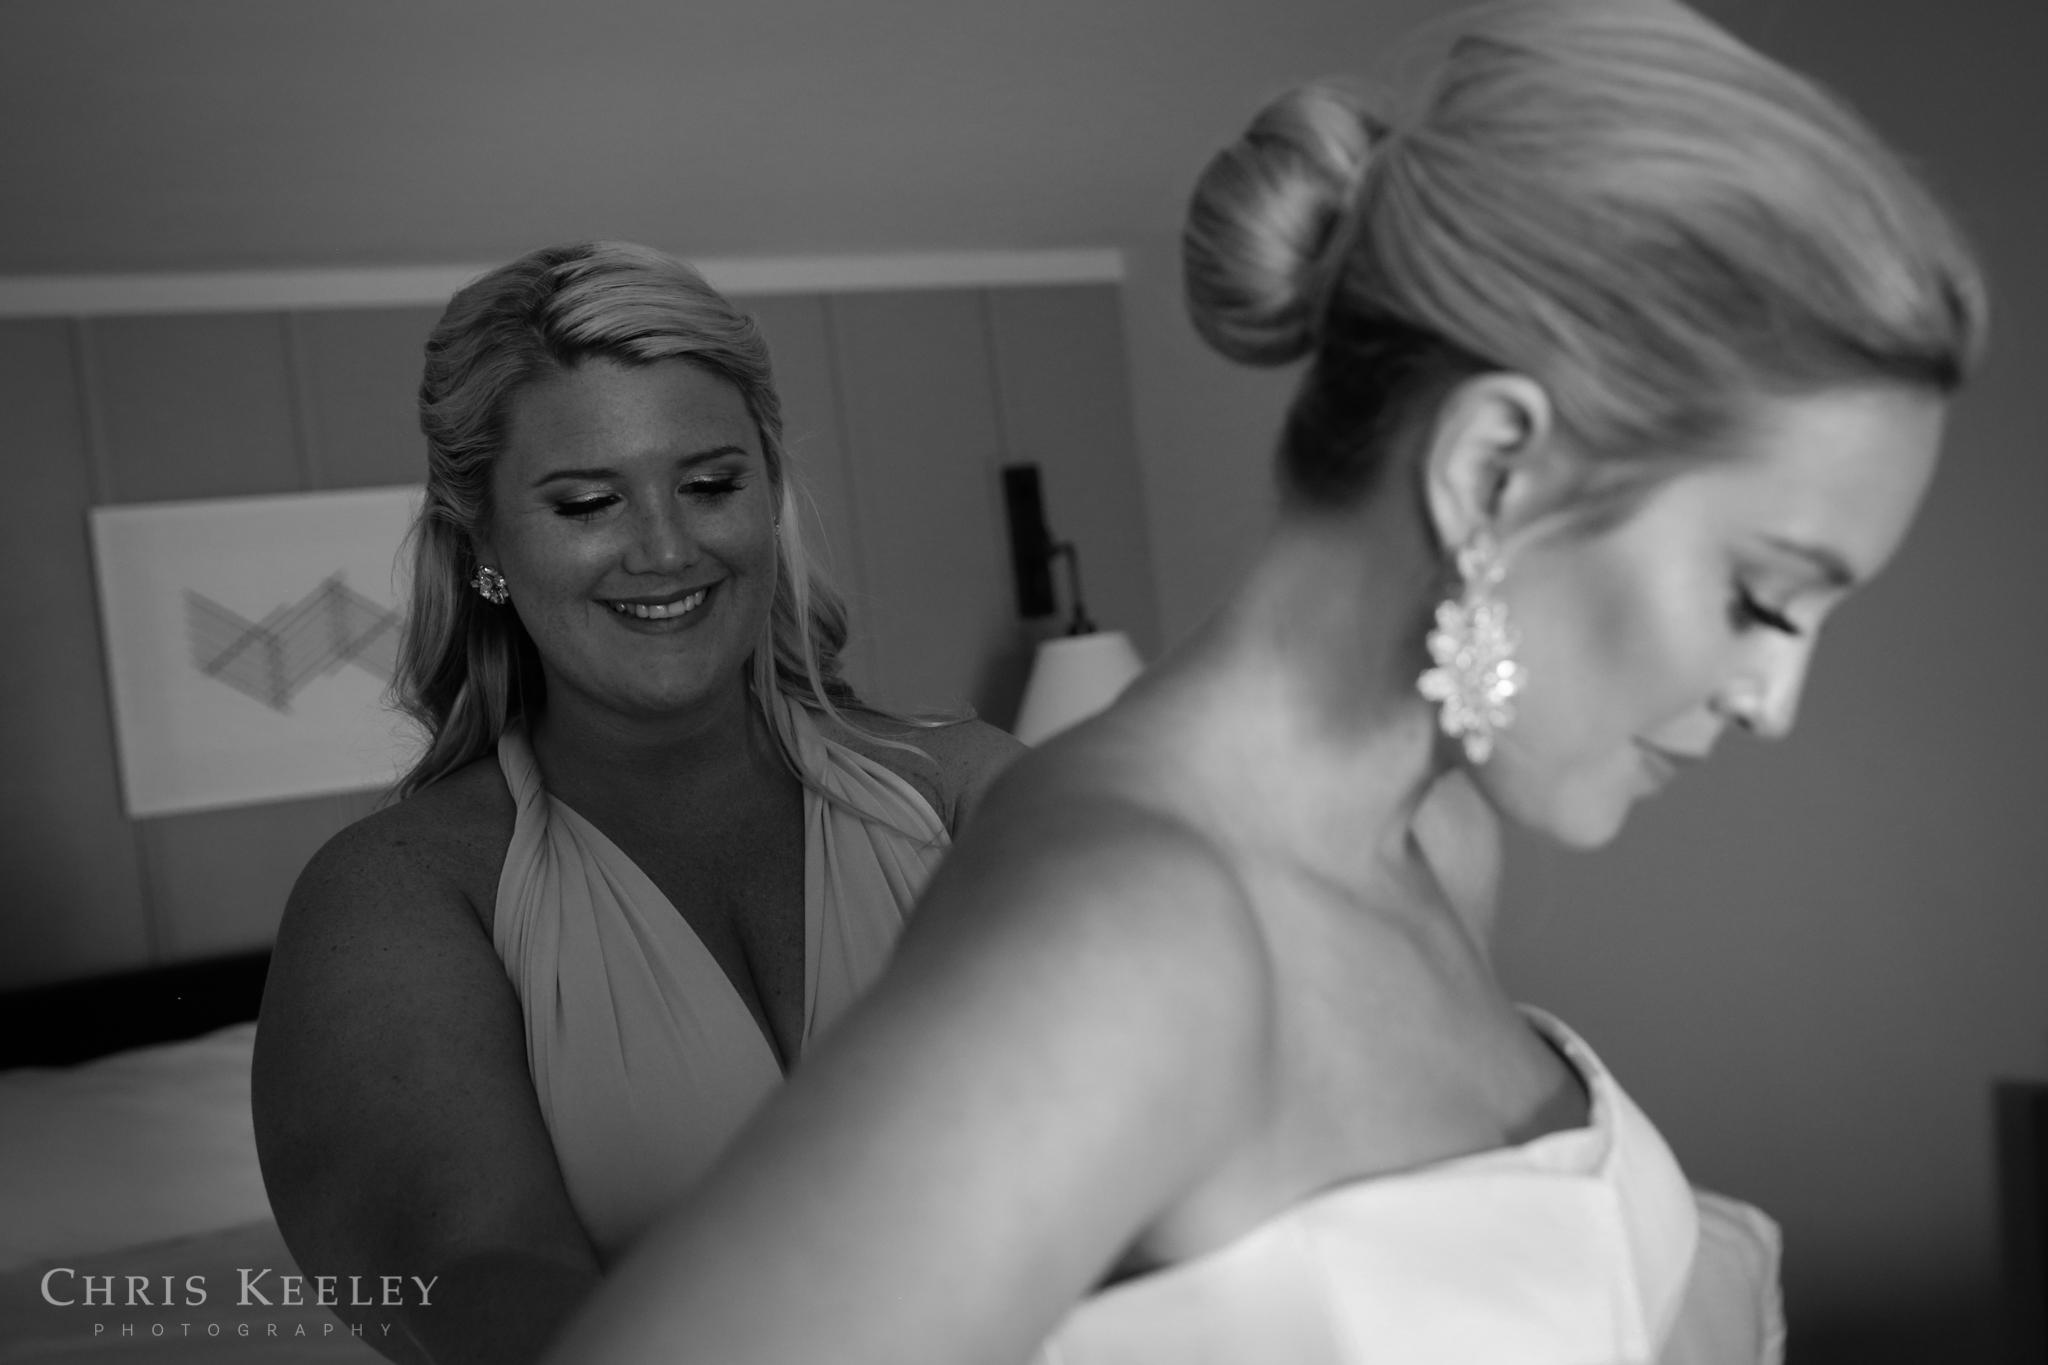 cliff-house-maine-wedding-photographer-chris-keeley-20.jpg